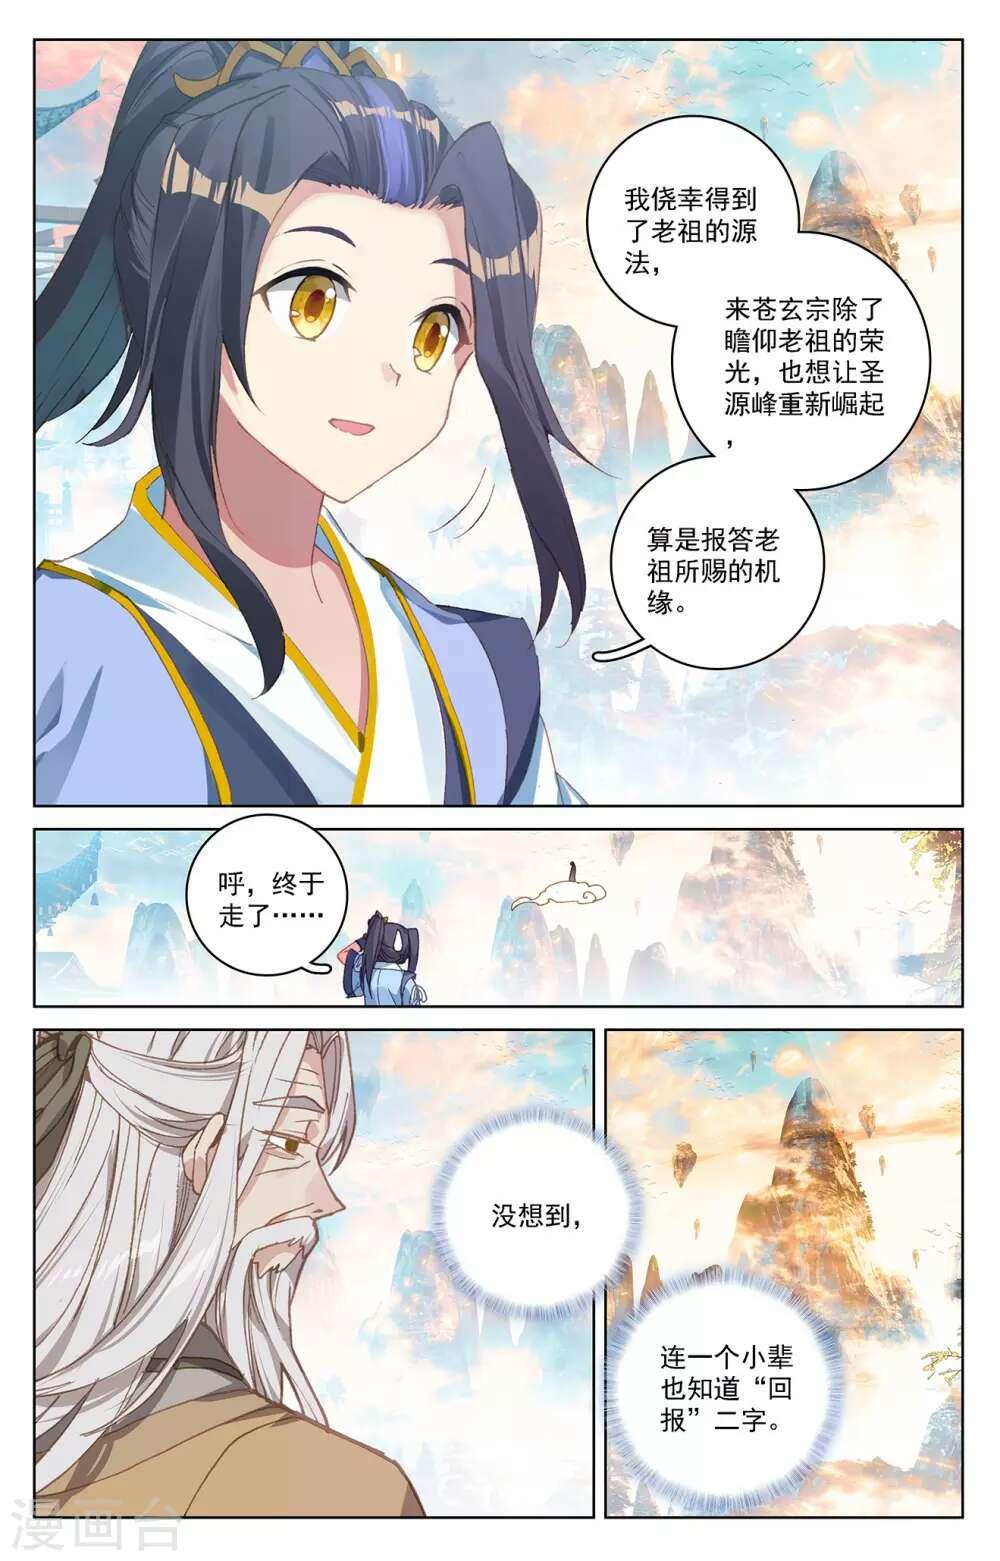 【漫画更新】元尊第二百一十四话    选宝(下)